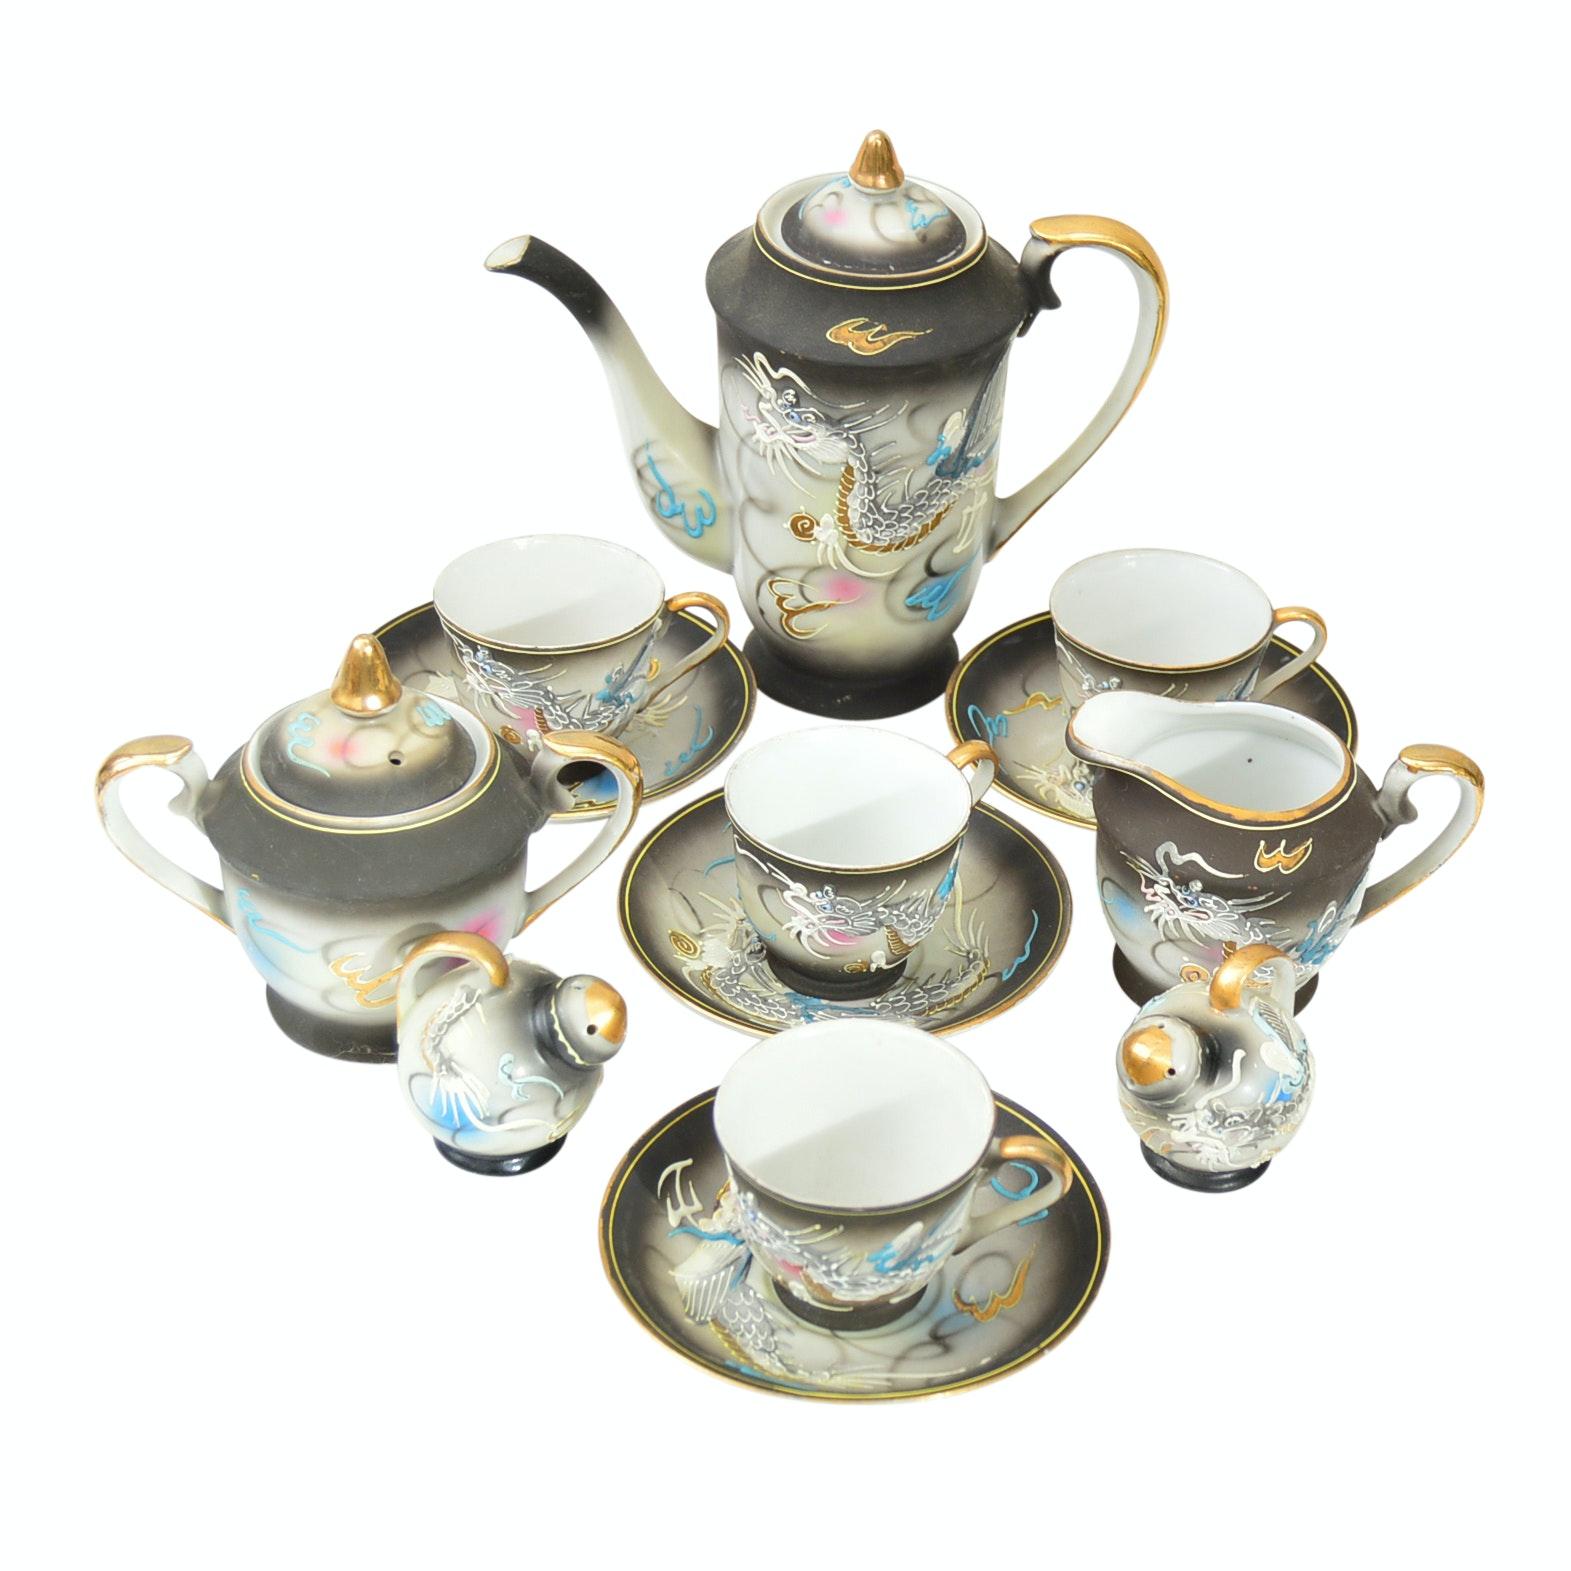 Vintage Japanese Dragon Ware Porcelain Tea Set